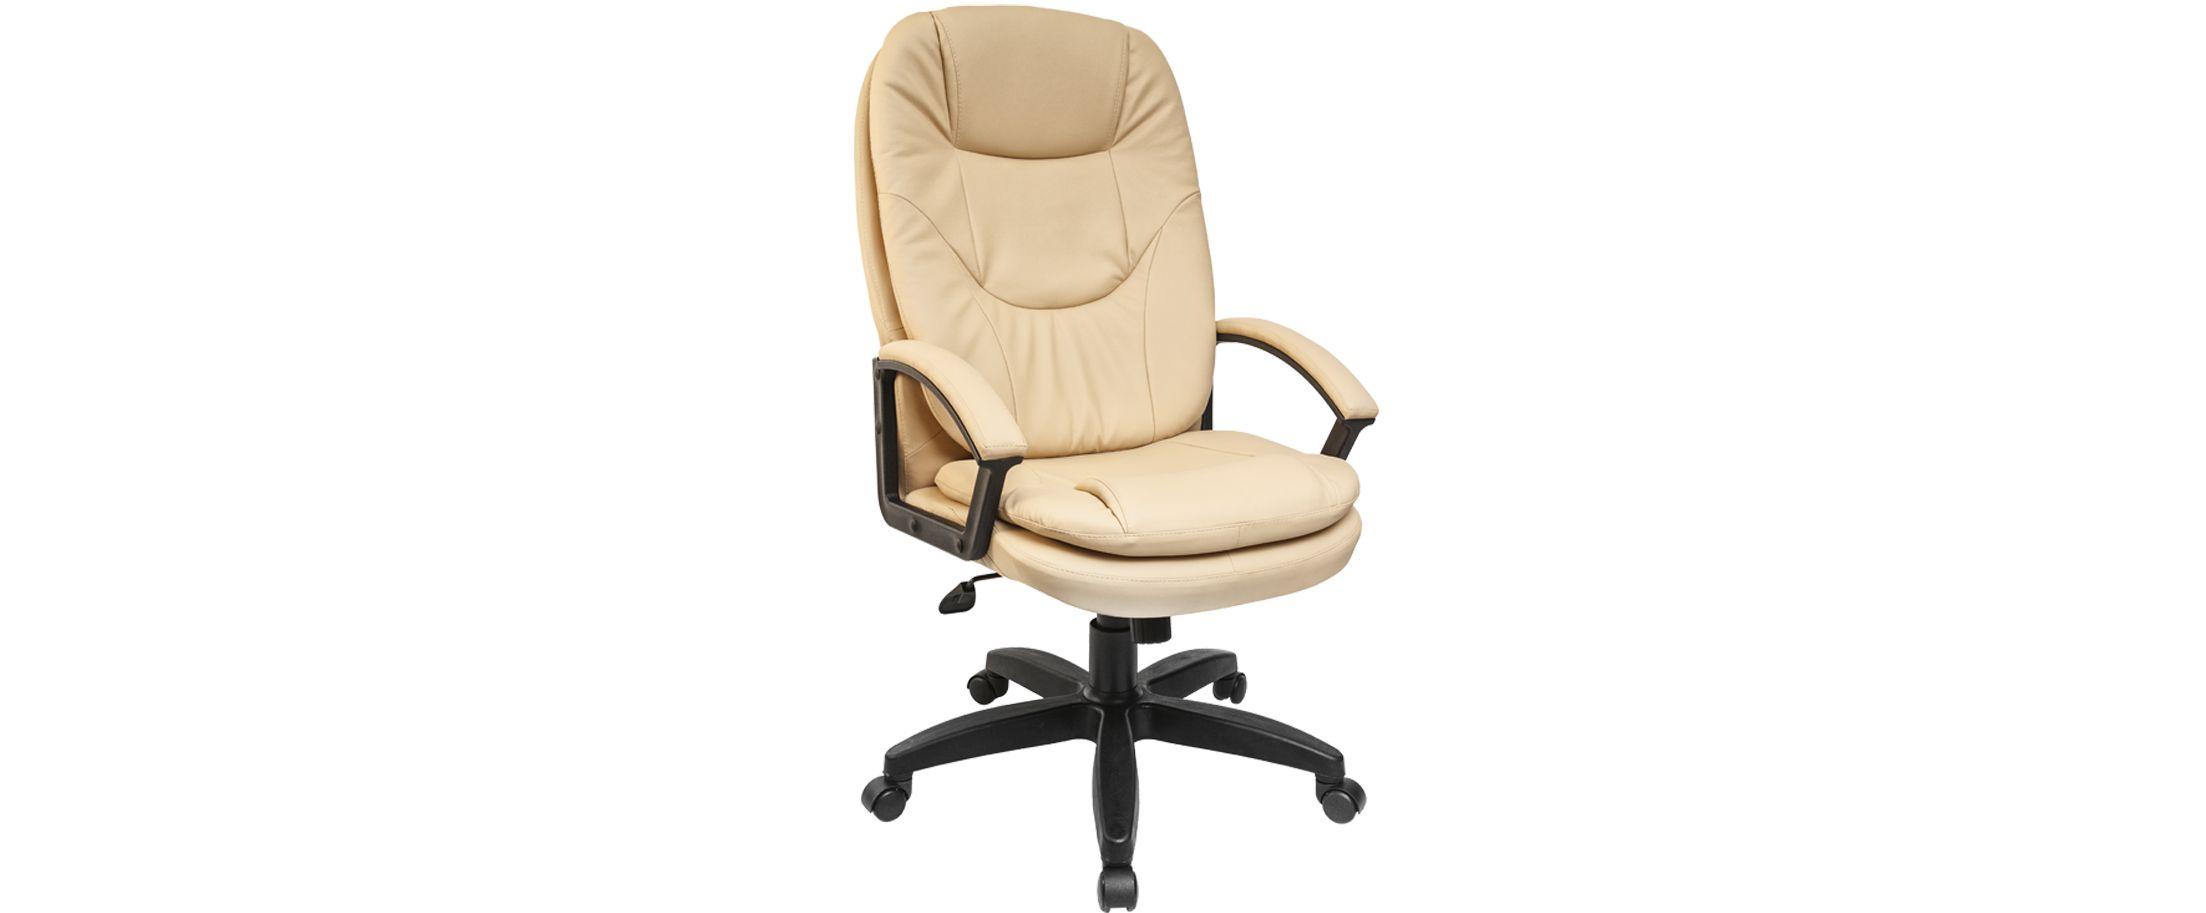 Кресло офисное AV 121 из экокожи цвет слоновая кость Модель 999Кресло офисное AV 121 из экокожи цвет слоновая кость Модель 999. Артикул Д000702<br>